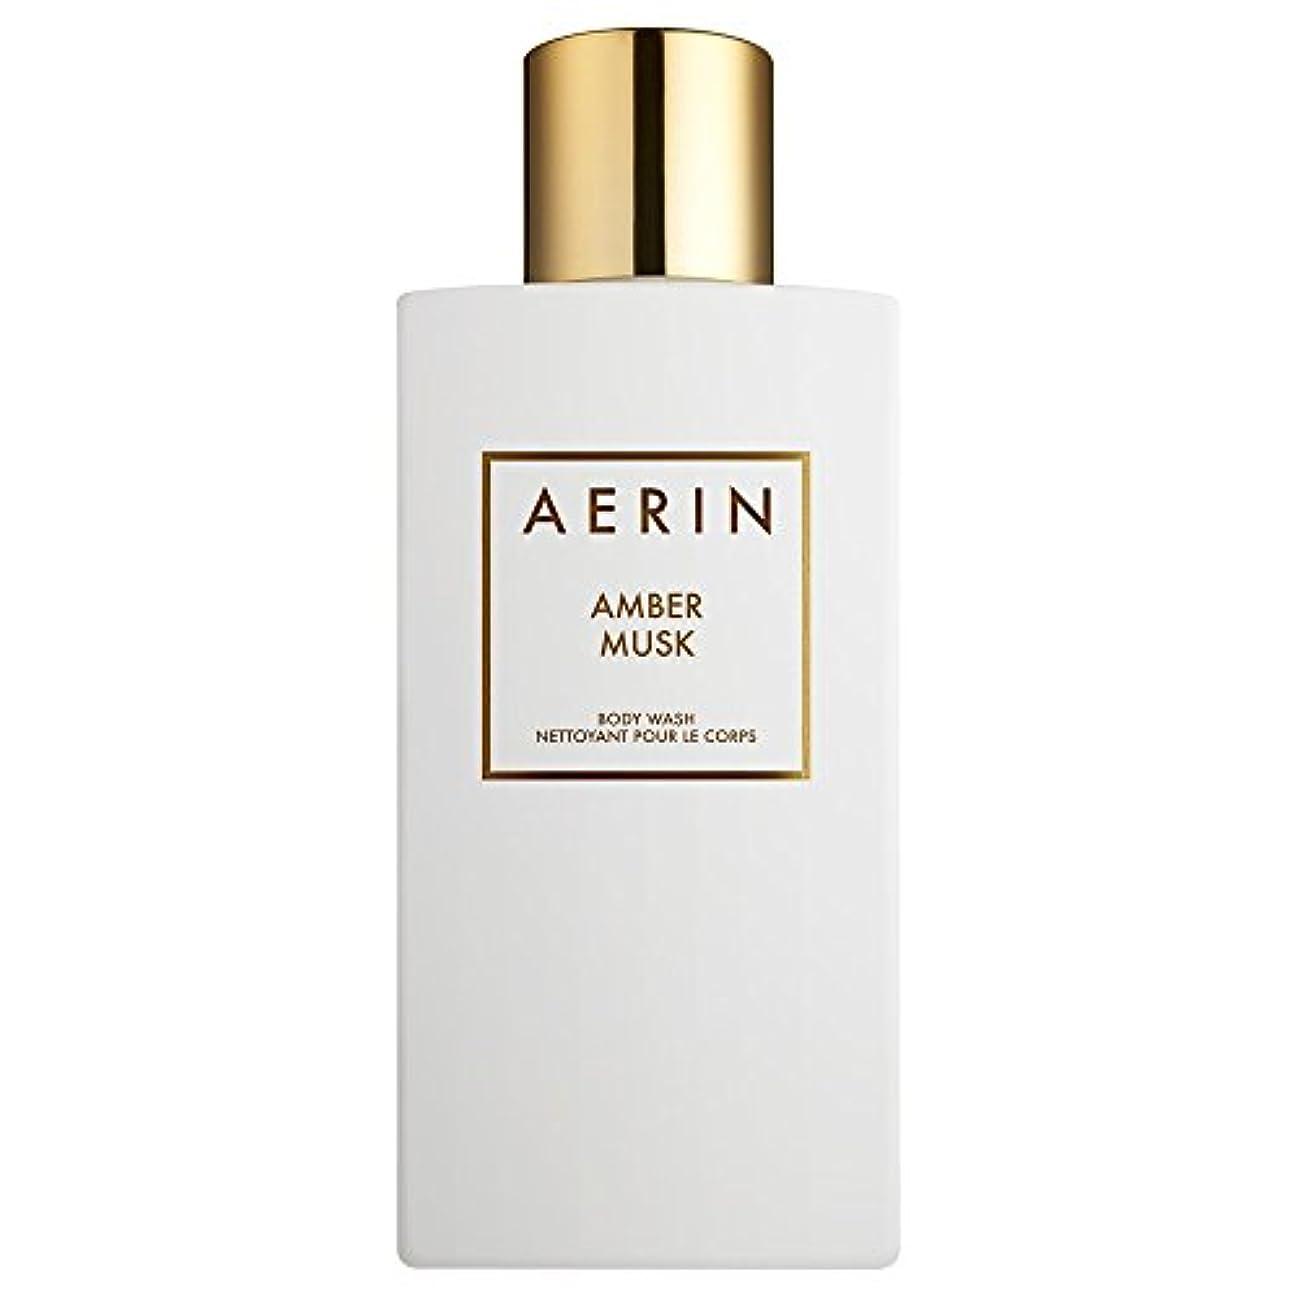 告白非難買い物に行くAerinアンバームスクボディウォッシュ225ミリリットル (AERIN) (x6) - AERIN Amber Musk Bodywash 225ml (Pack of 6) [並行輸入品]